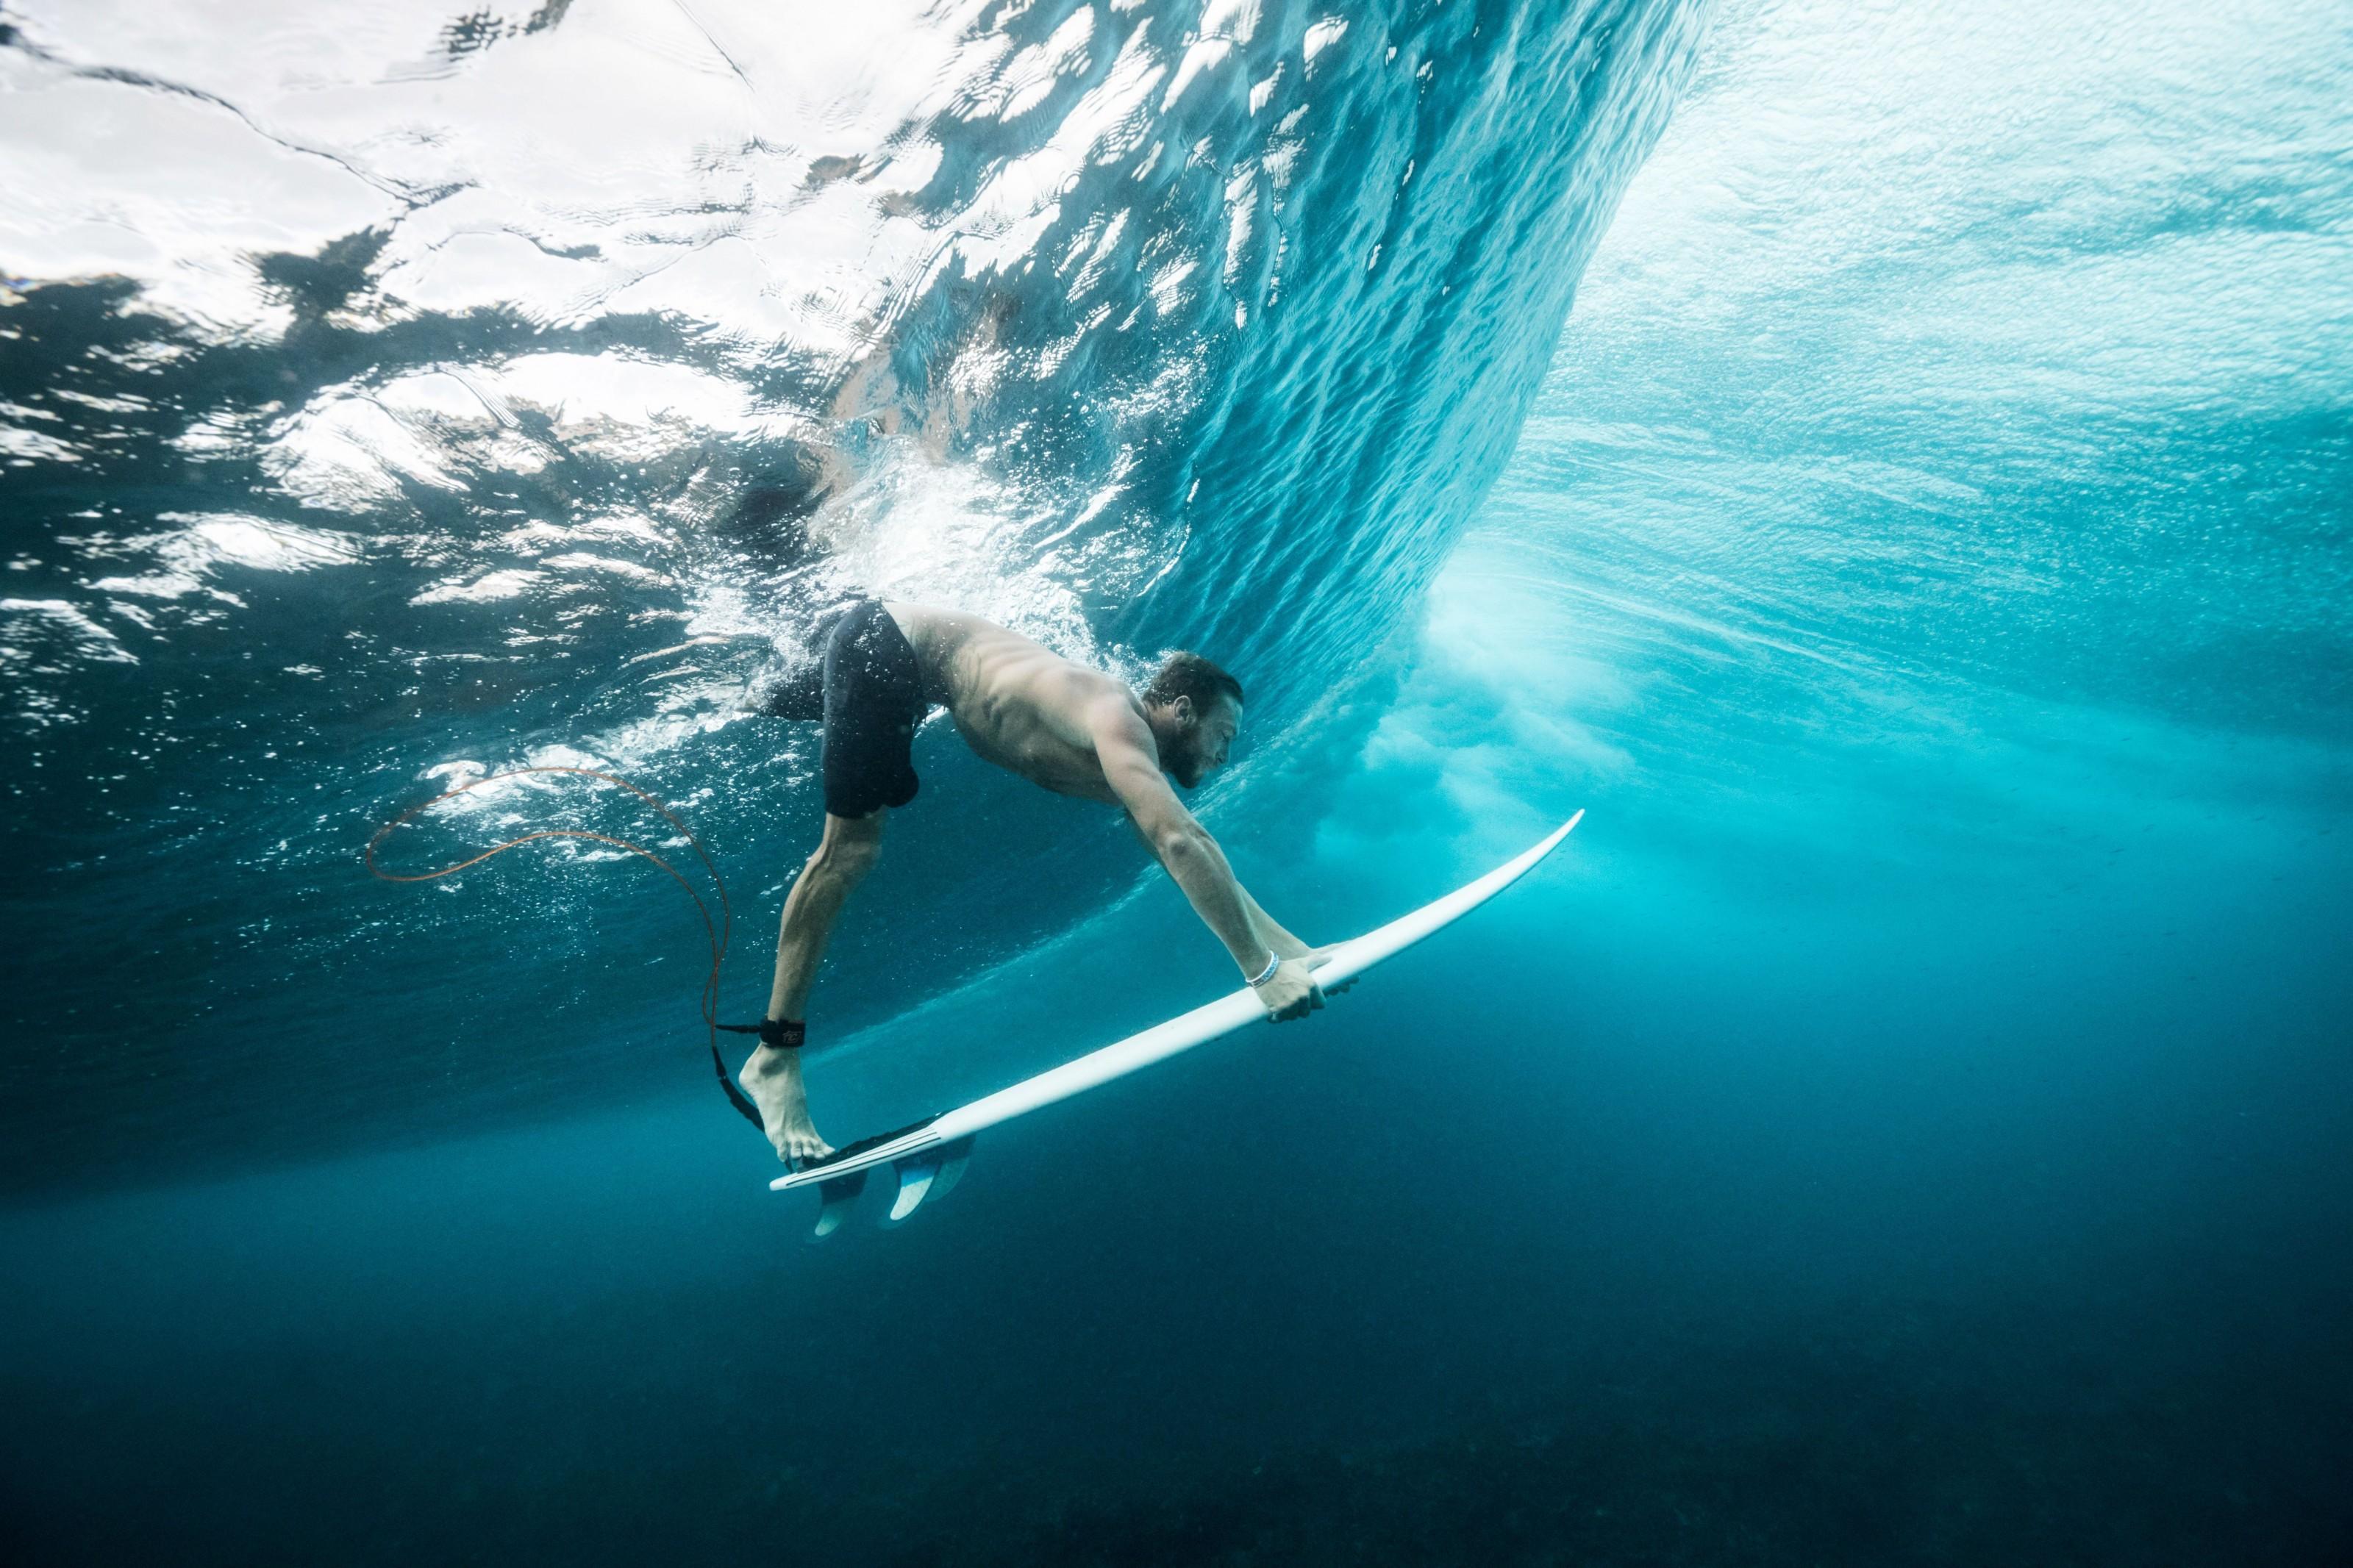 foto de surfista abaixo de uma onda